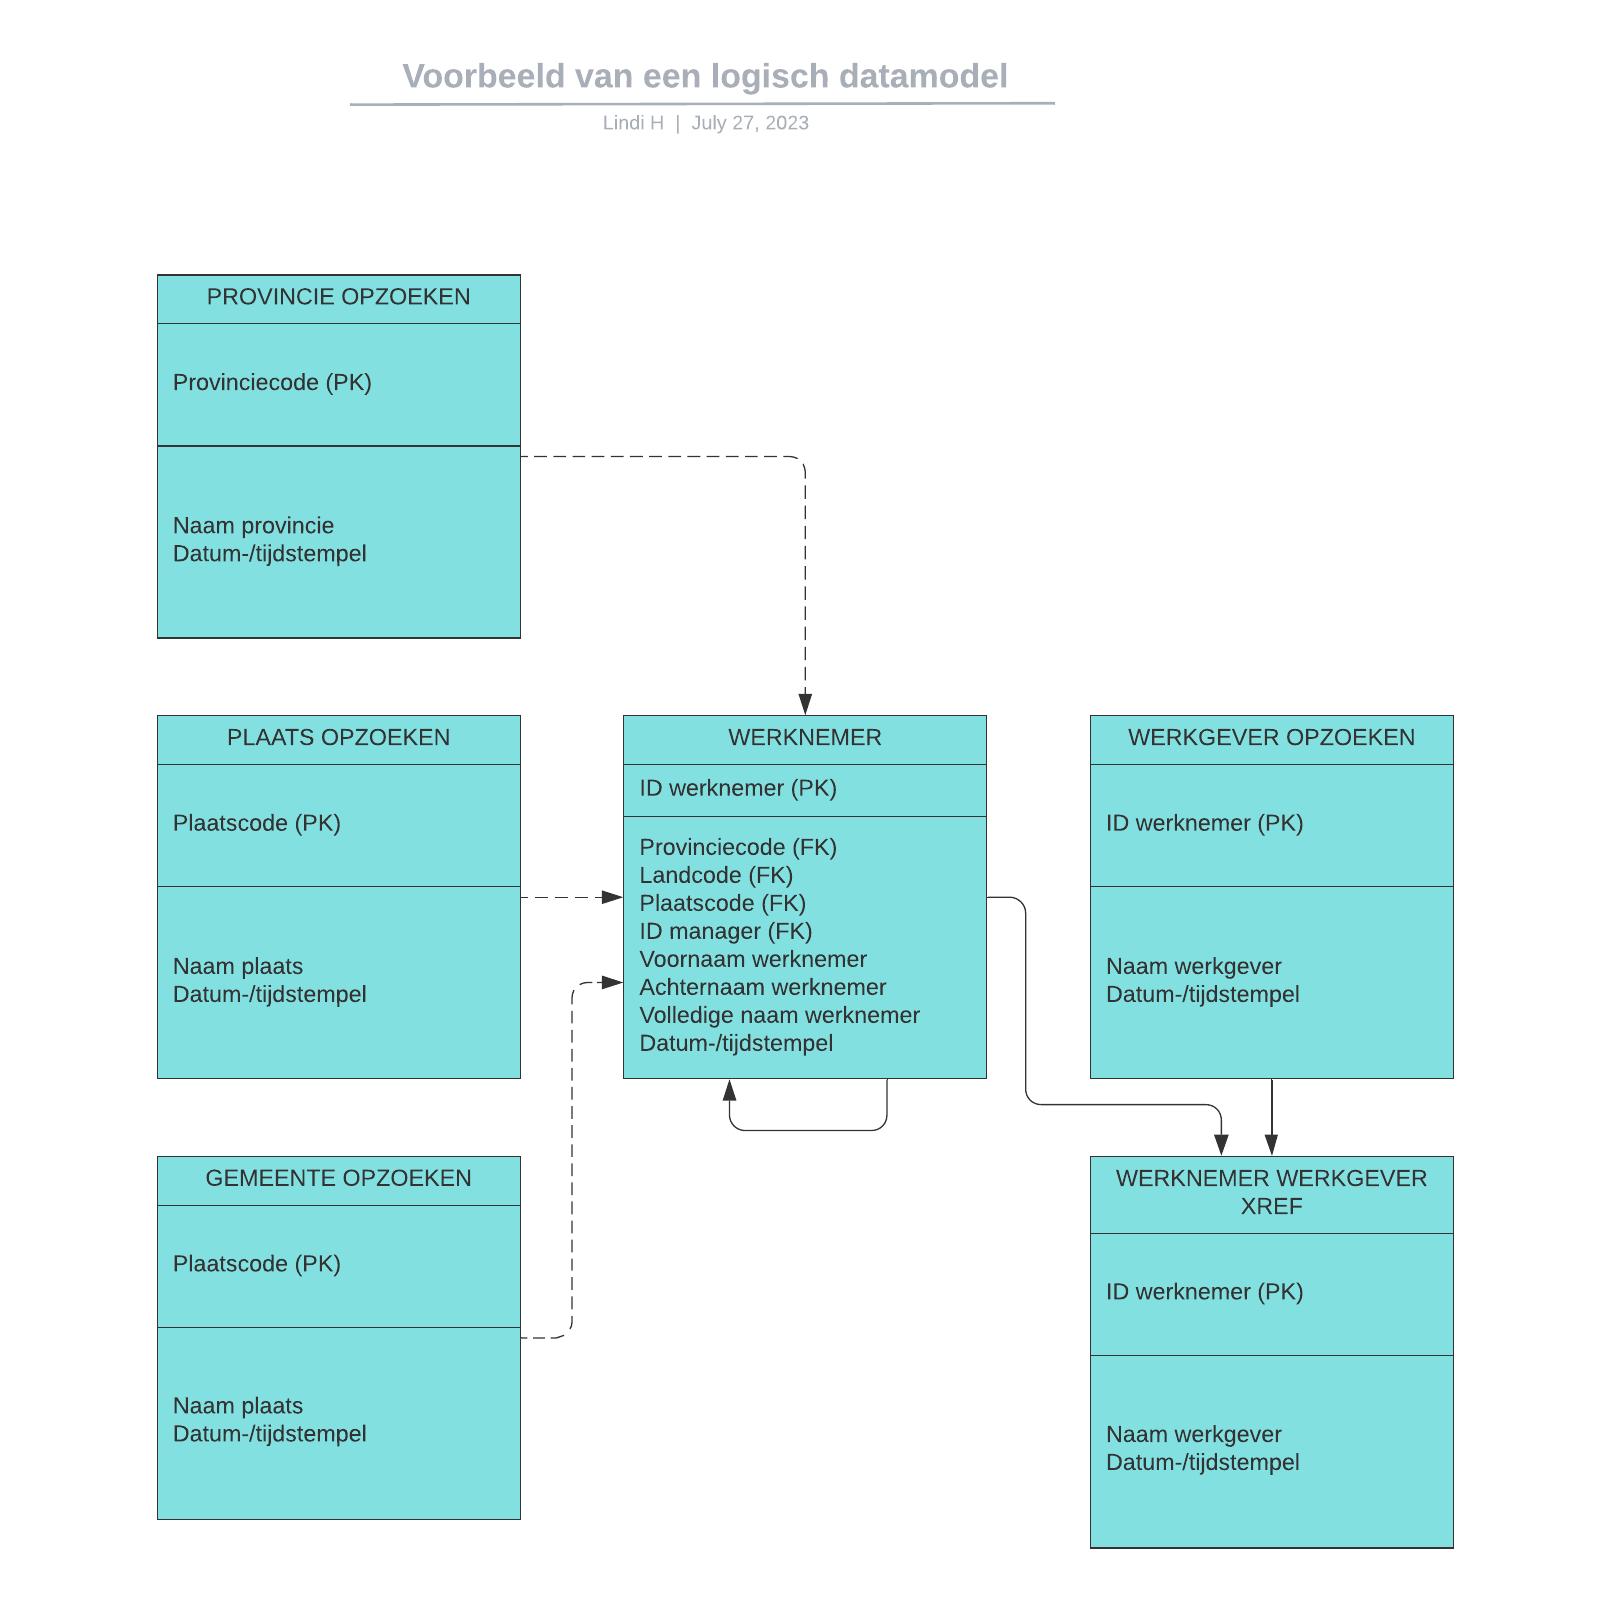 Voorbeeld van een logisch datamodel